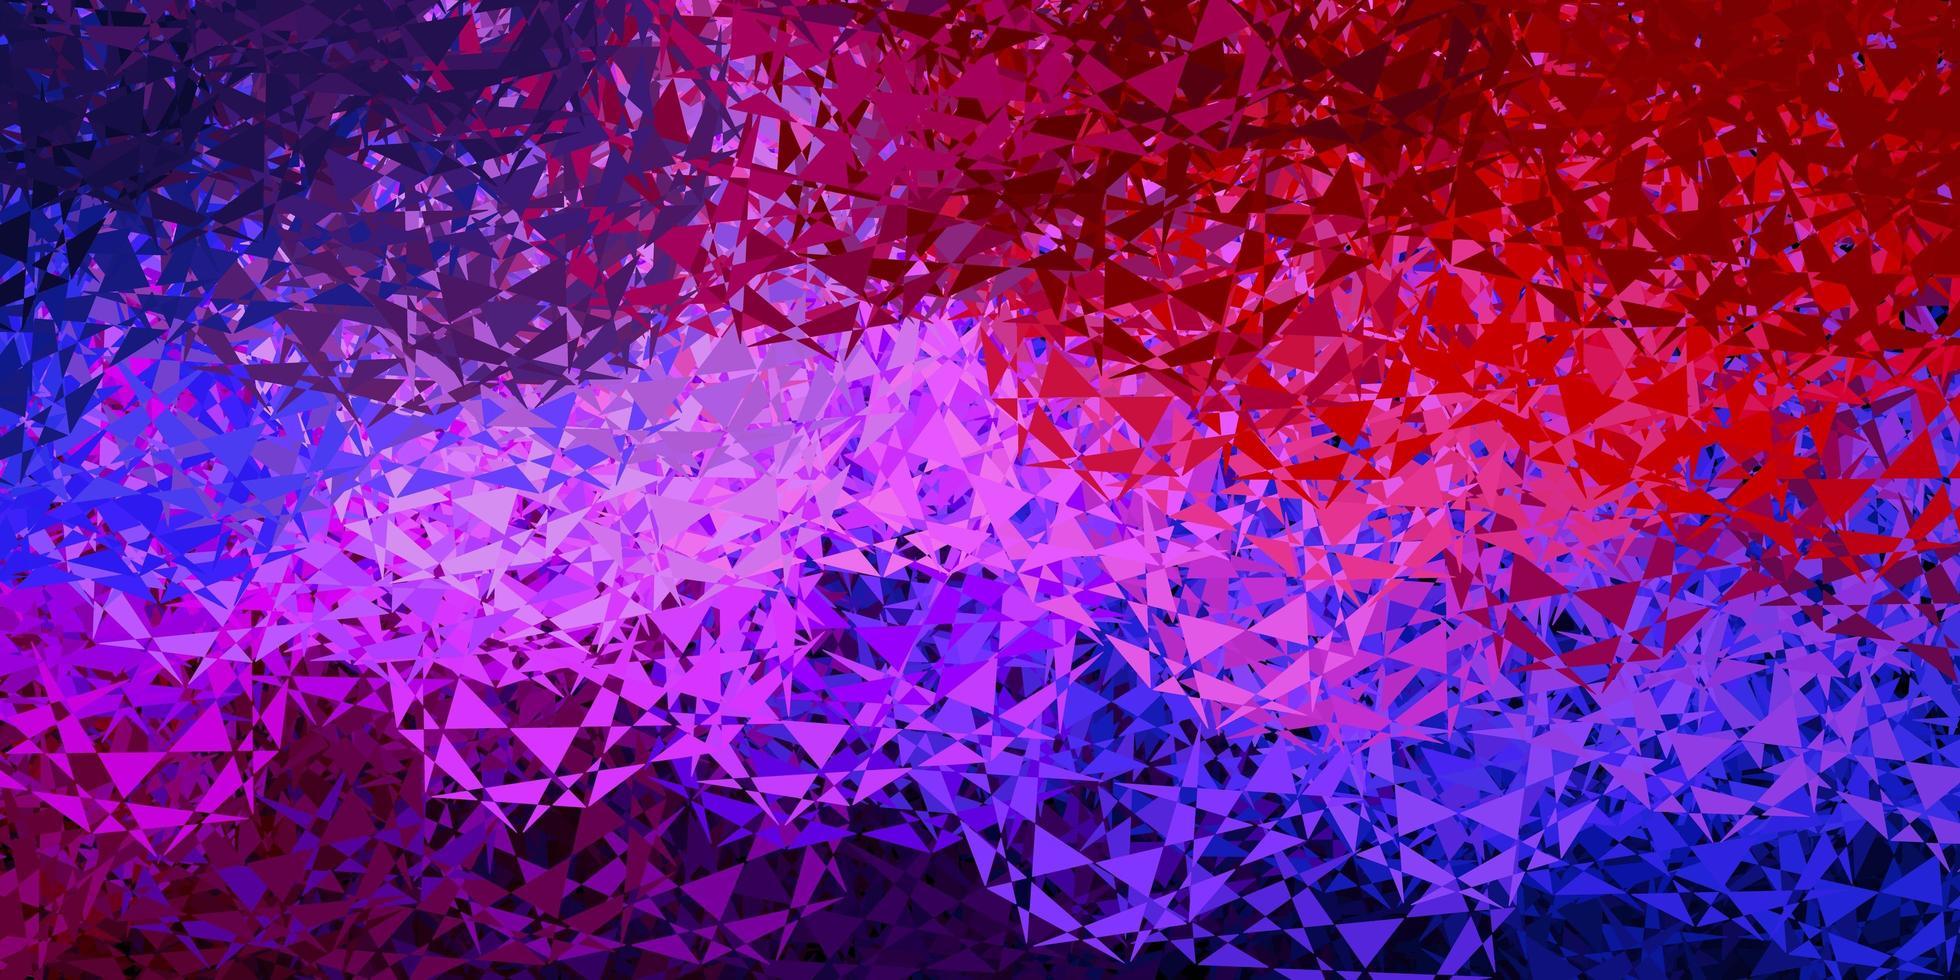 hellblaue, rote Vektorschablone mit Dreiecksformen. vektor